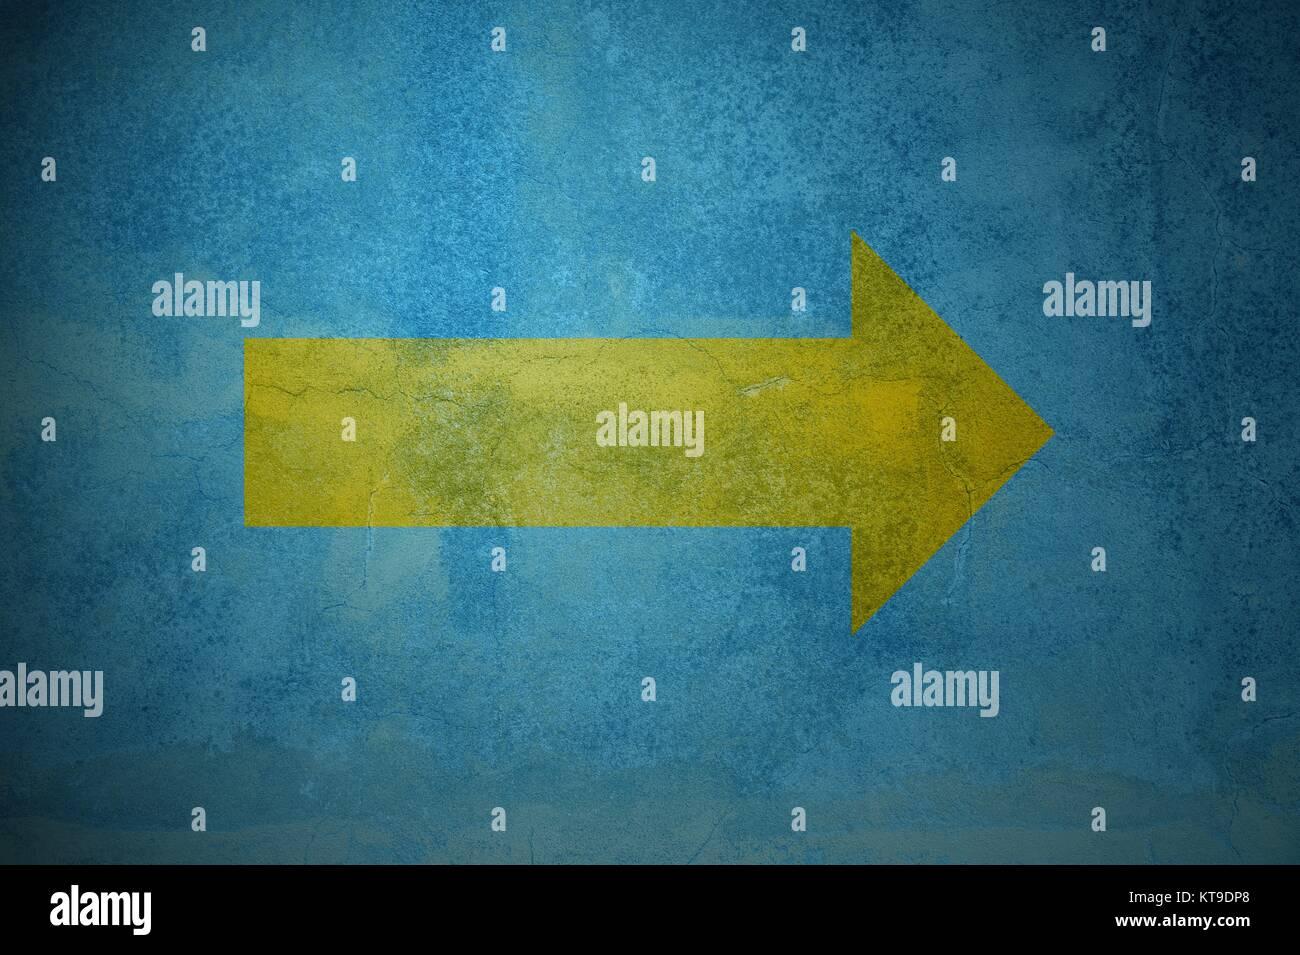 Alte blaue grungeWand mit gelbem Pfeil nach rechts als Hintergrund - Stock Image